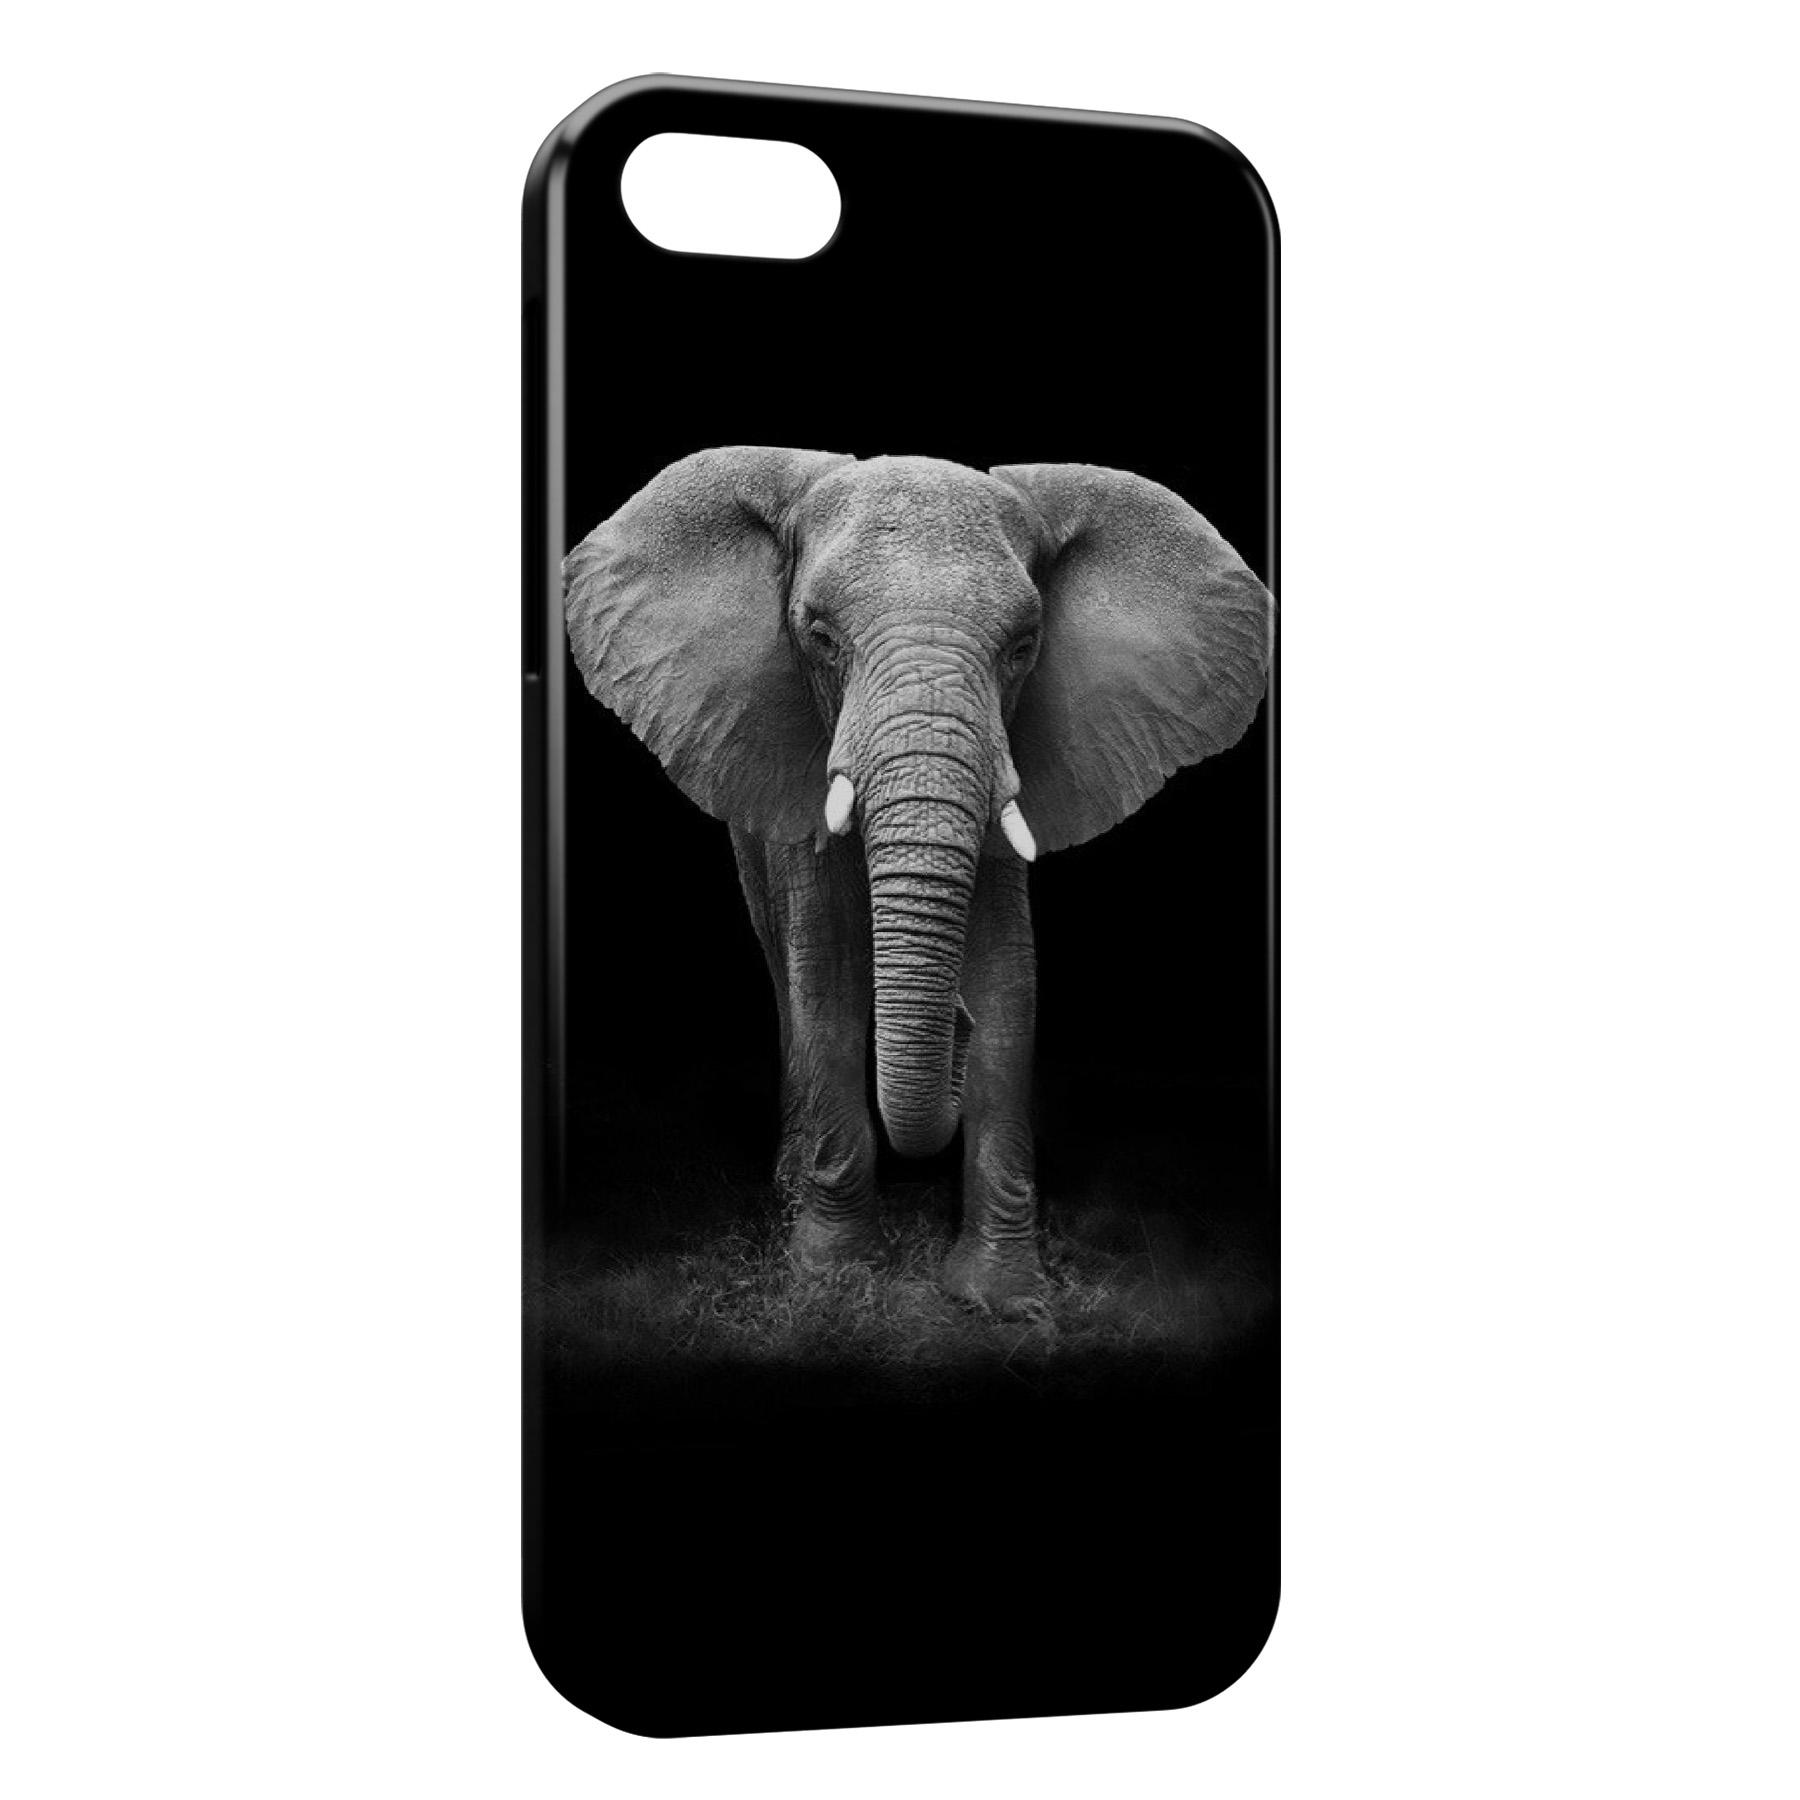 iphone 7 plus coque elephant